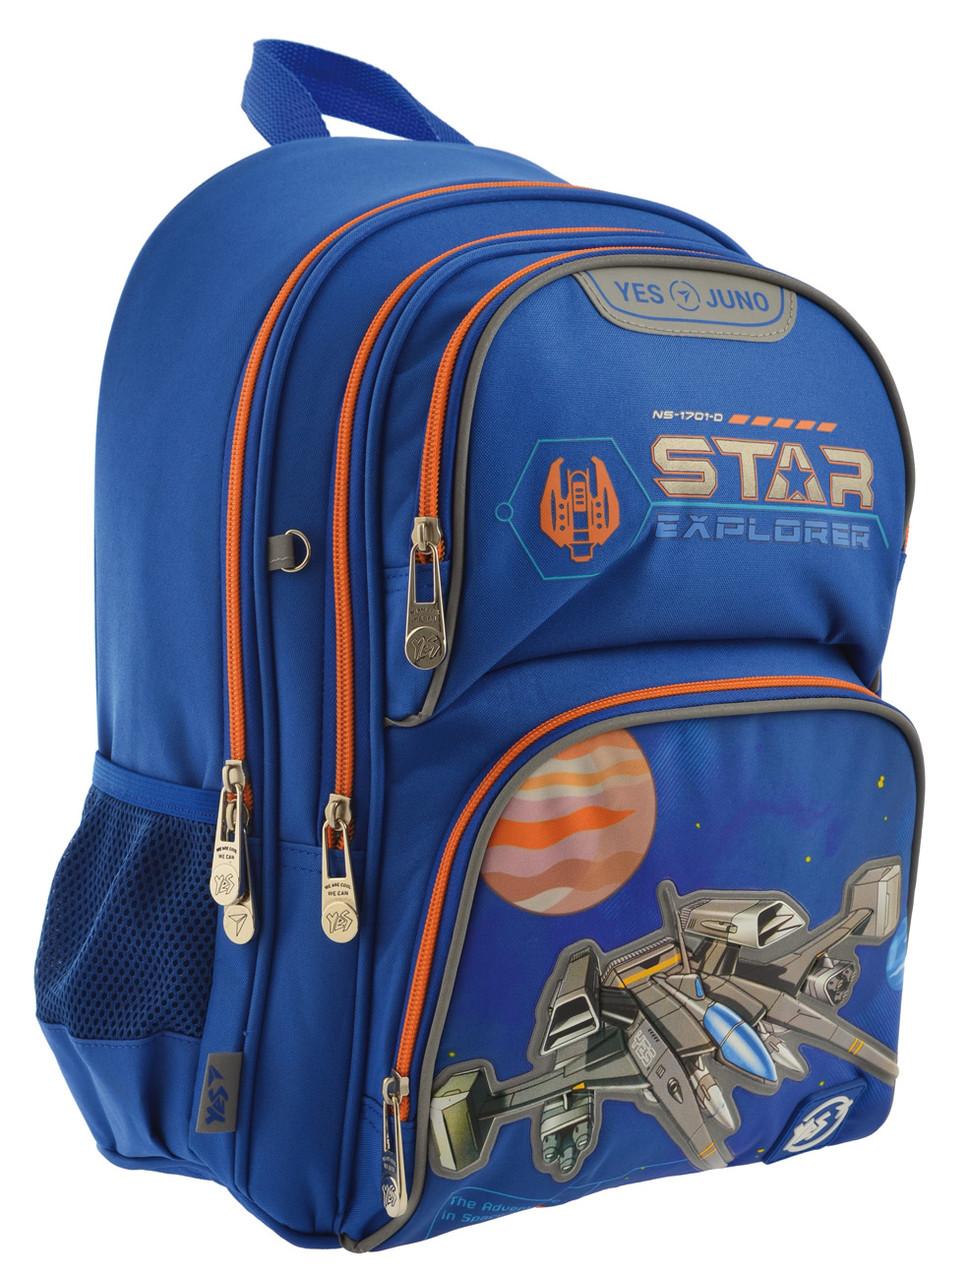 Рюкзак школьный ортопедический YES S-30 Juno Star Explorer код: 557220